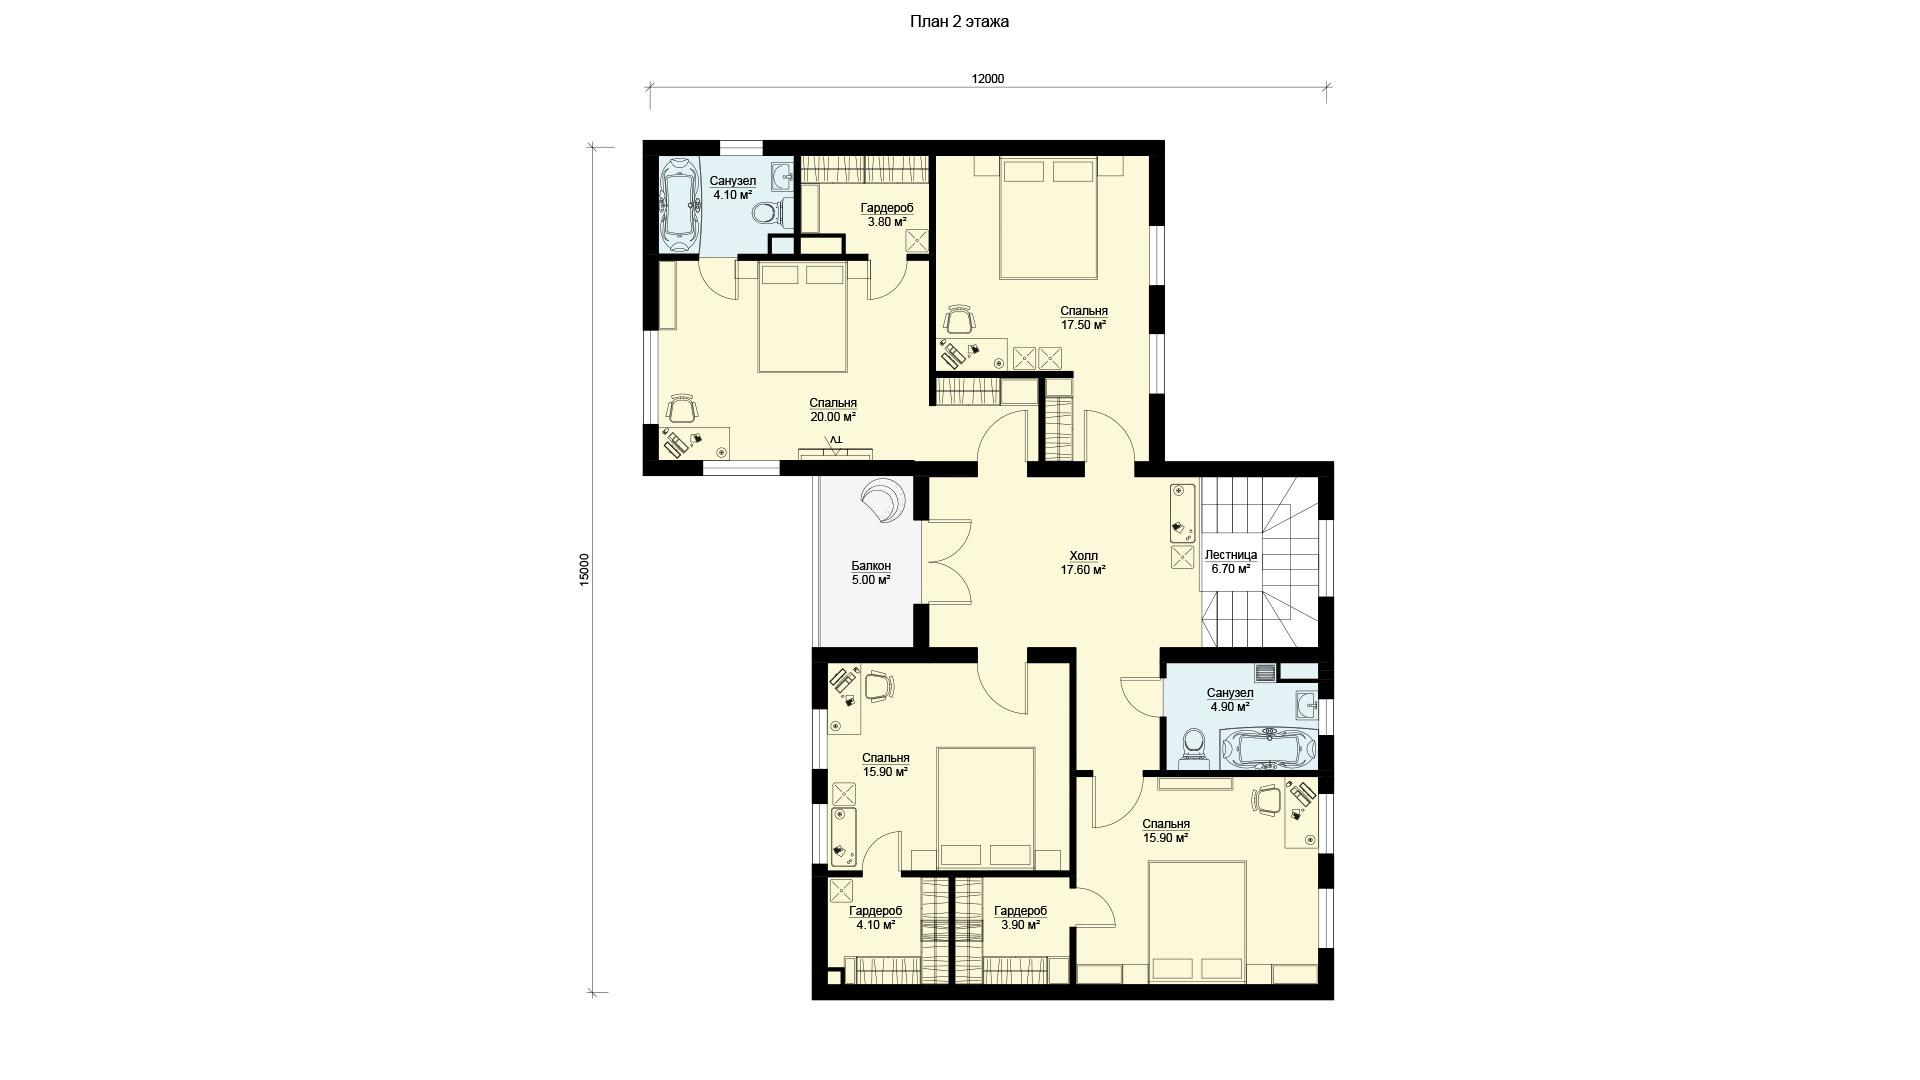 План второго этажа двухэтажного загородного коттеджа, проект БЭНПАН БП-296/4.